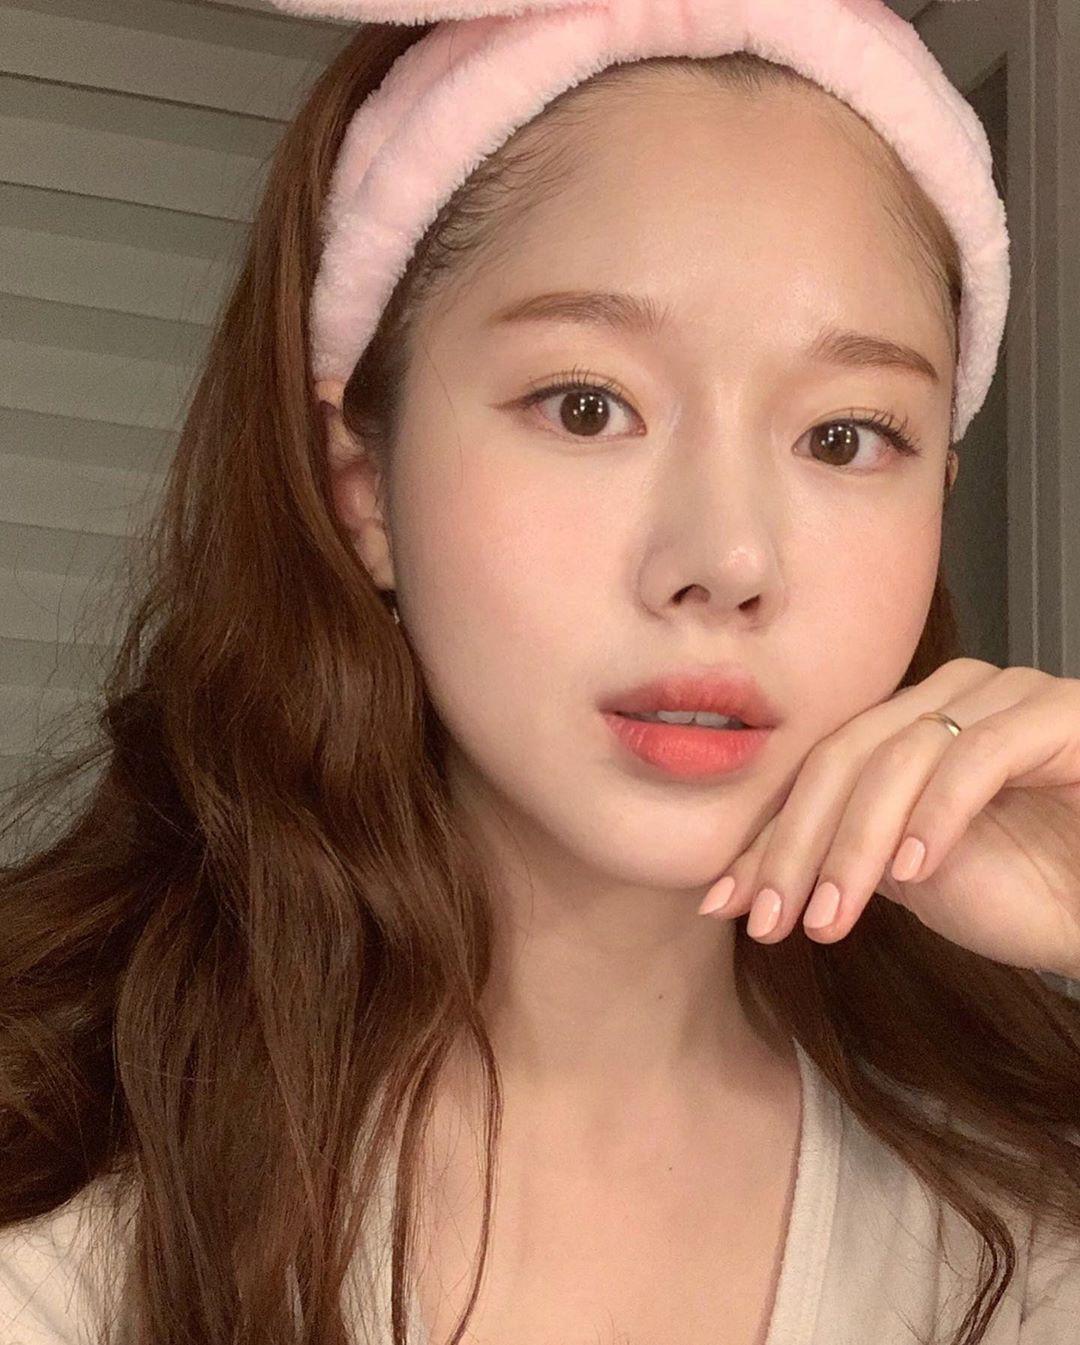 Da đẹp như gái Hàn: Khi bí mật không nằm ở loạt mỹ phẩm đắp lên mặt hay tầng tầng lớp lớp skincare mỗi ngày - Ảnh 2